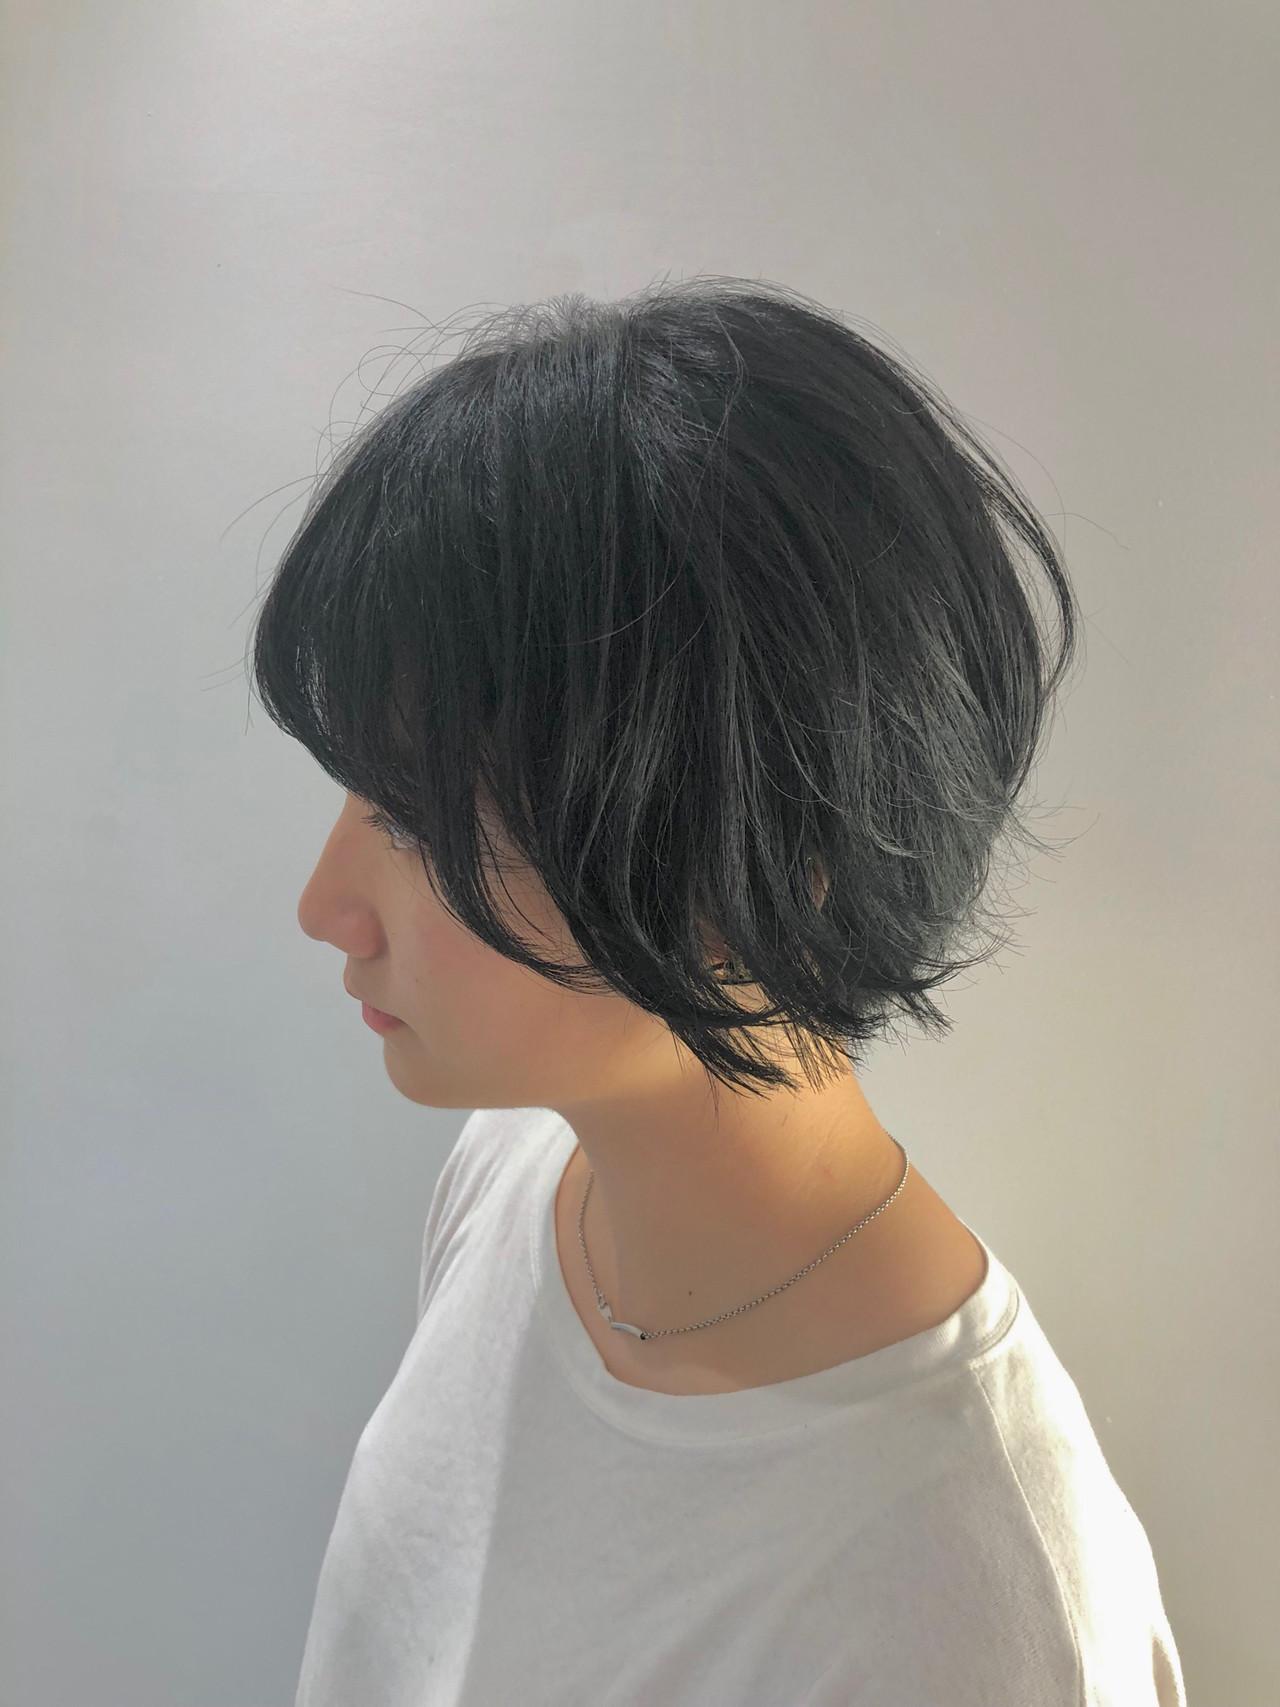 艶カラー ミニボブ ナチュラル ショート ヘアスタイルや髪型の写真・画像